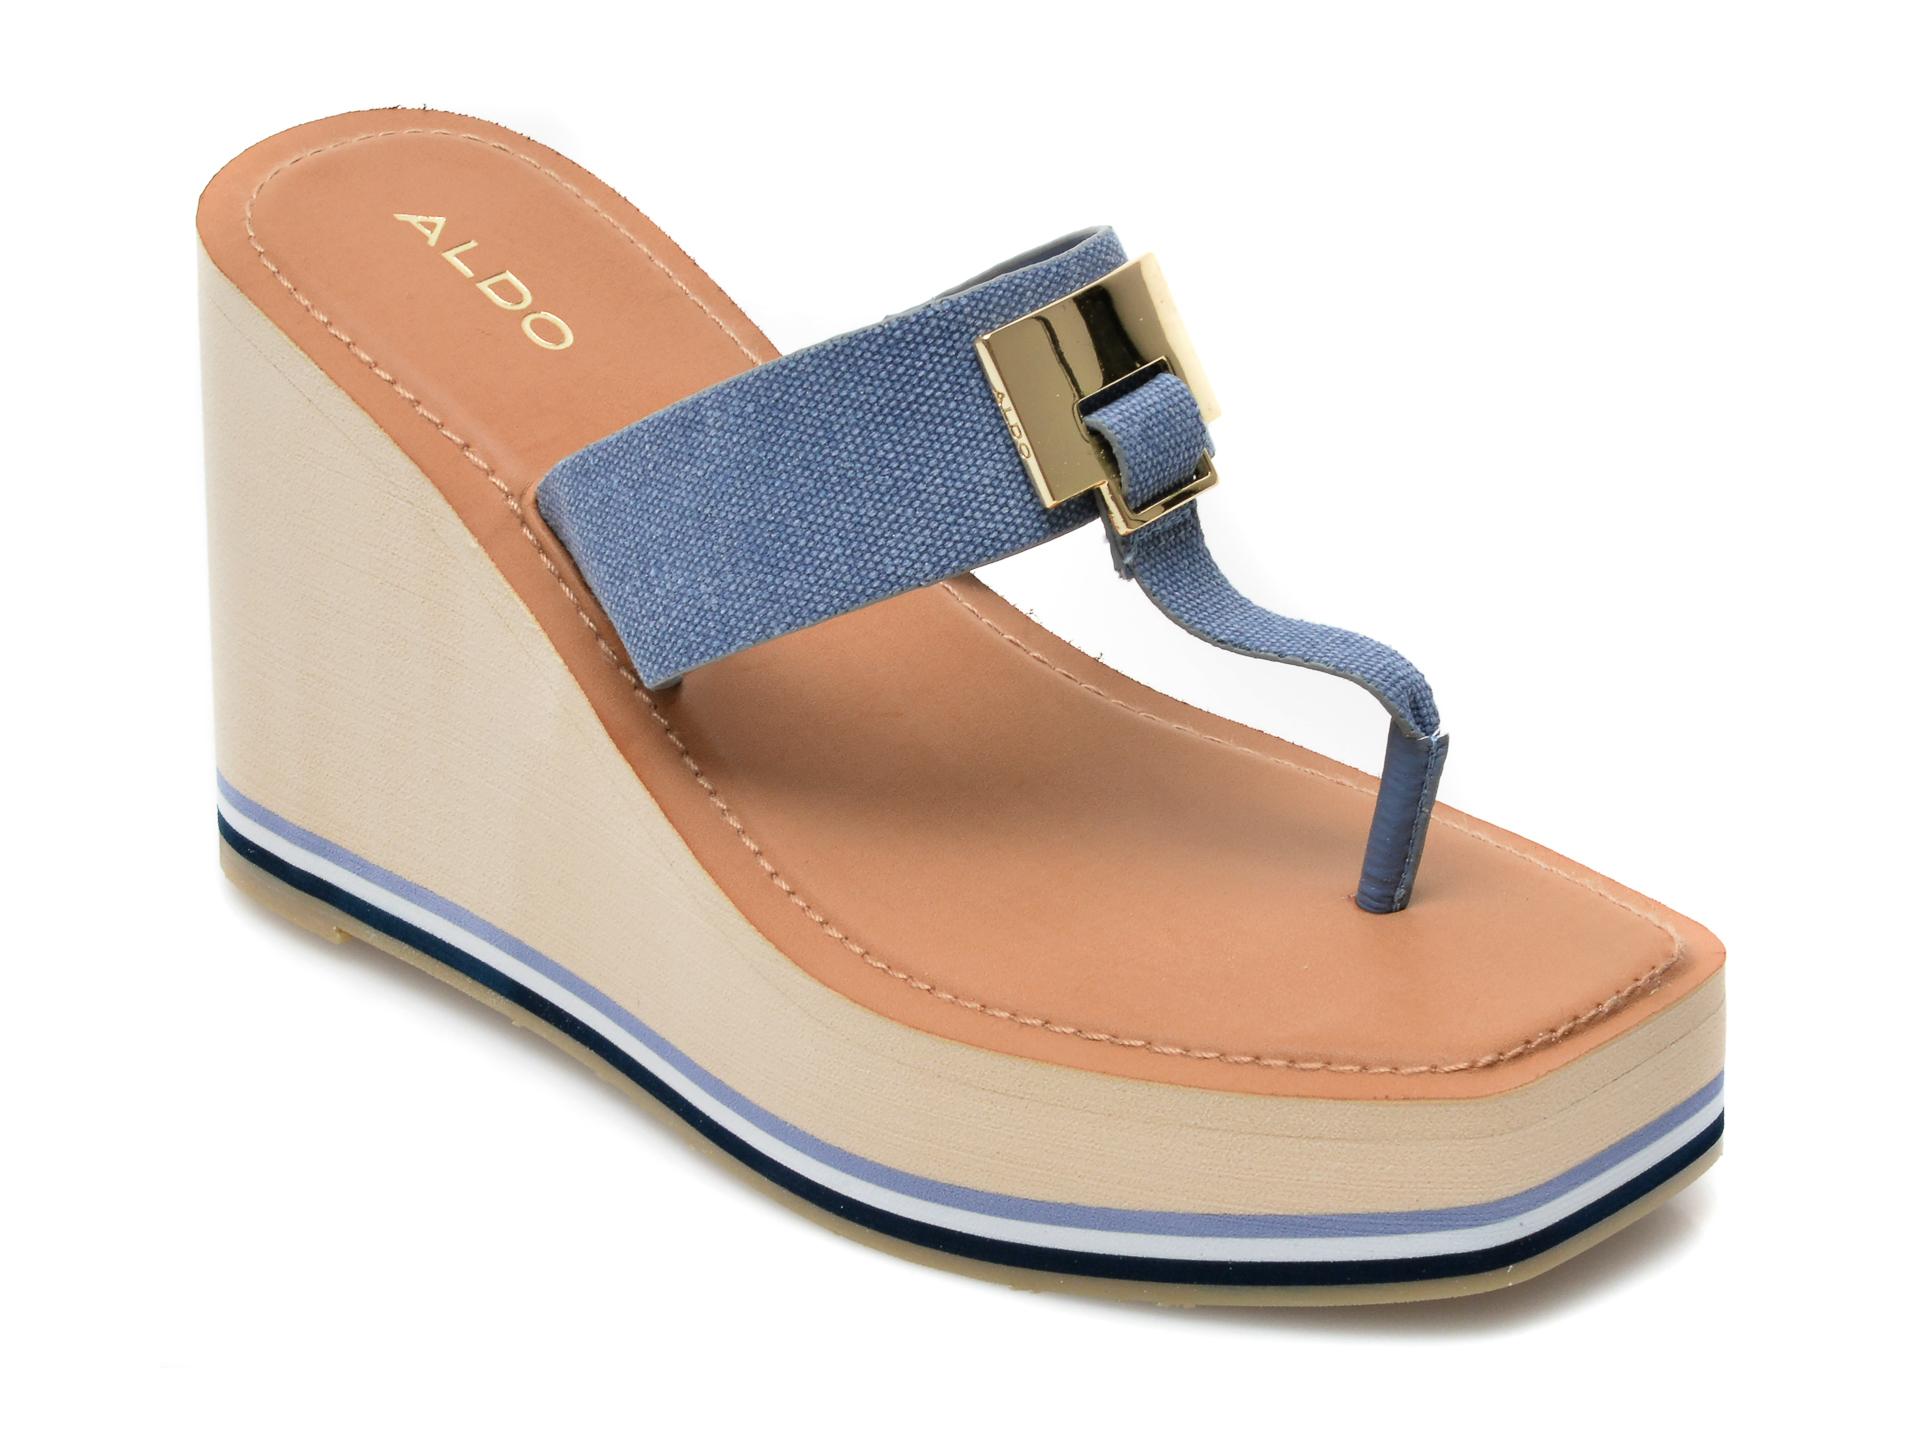 Papuci ALDO albastri, Acarenia400, din material textil imagine otter.ro 2021